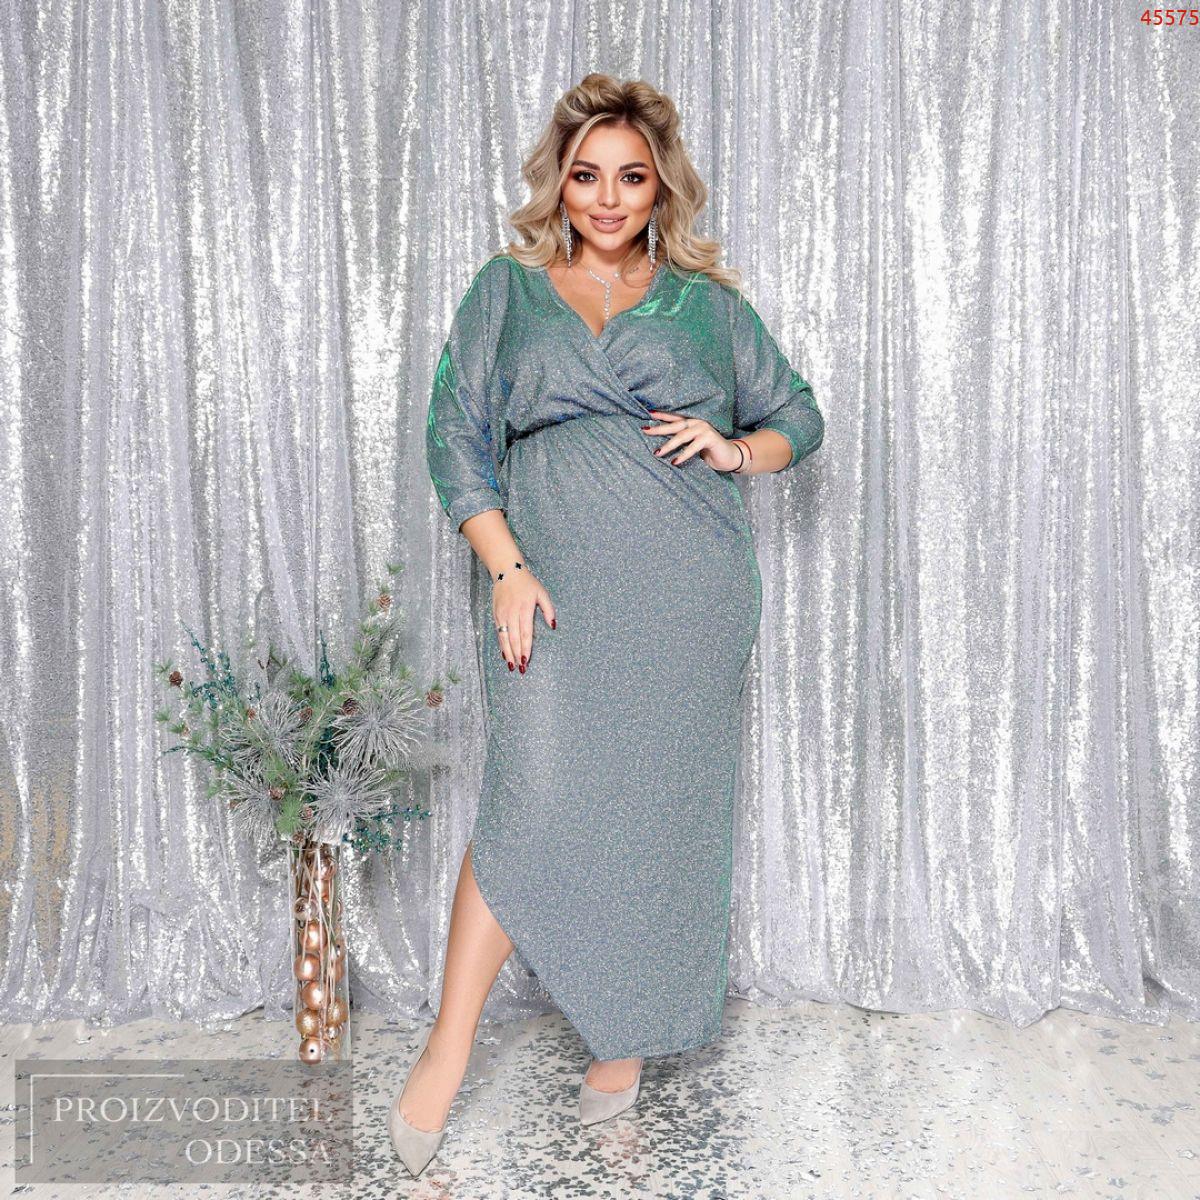 Платье №45575